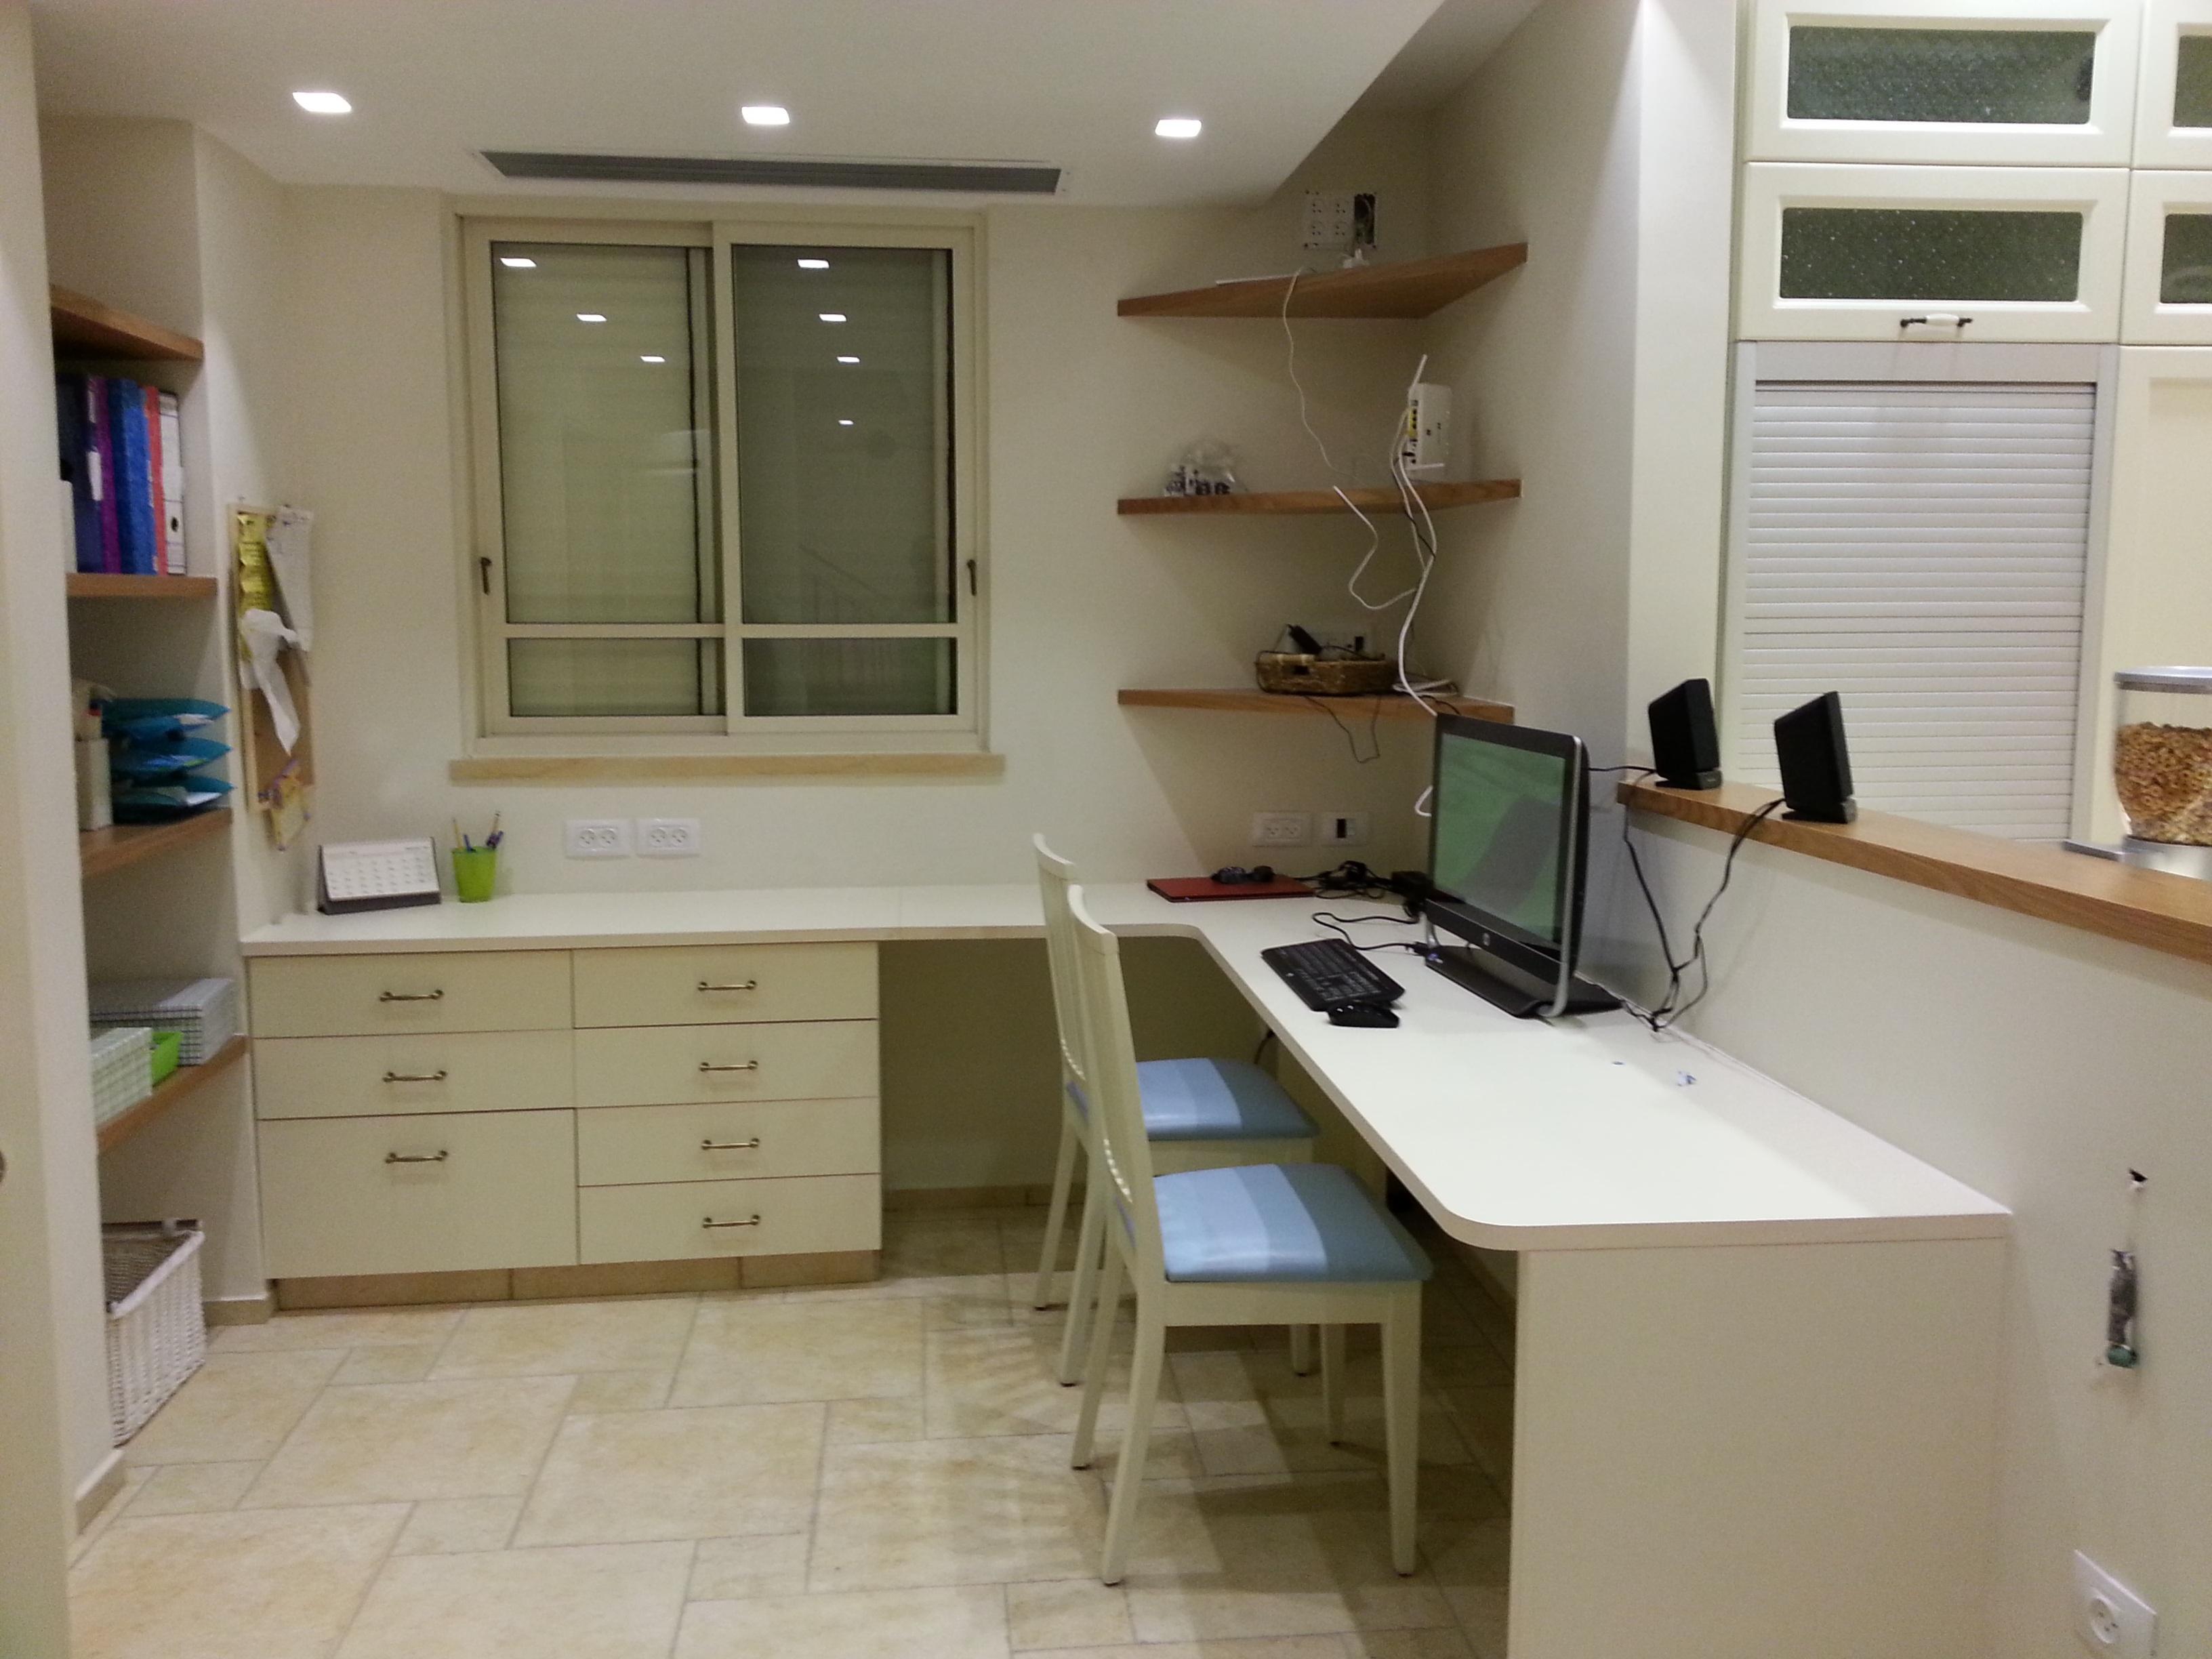 Meja Tulis Komputer Kerja Lantai Pedalaman Rumah Pondok Ruang Kantor Dapur Milik R Apartemen Desain